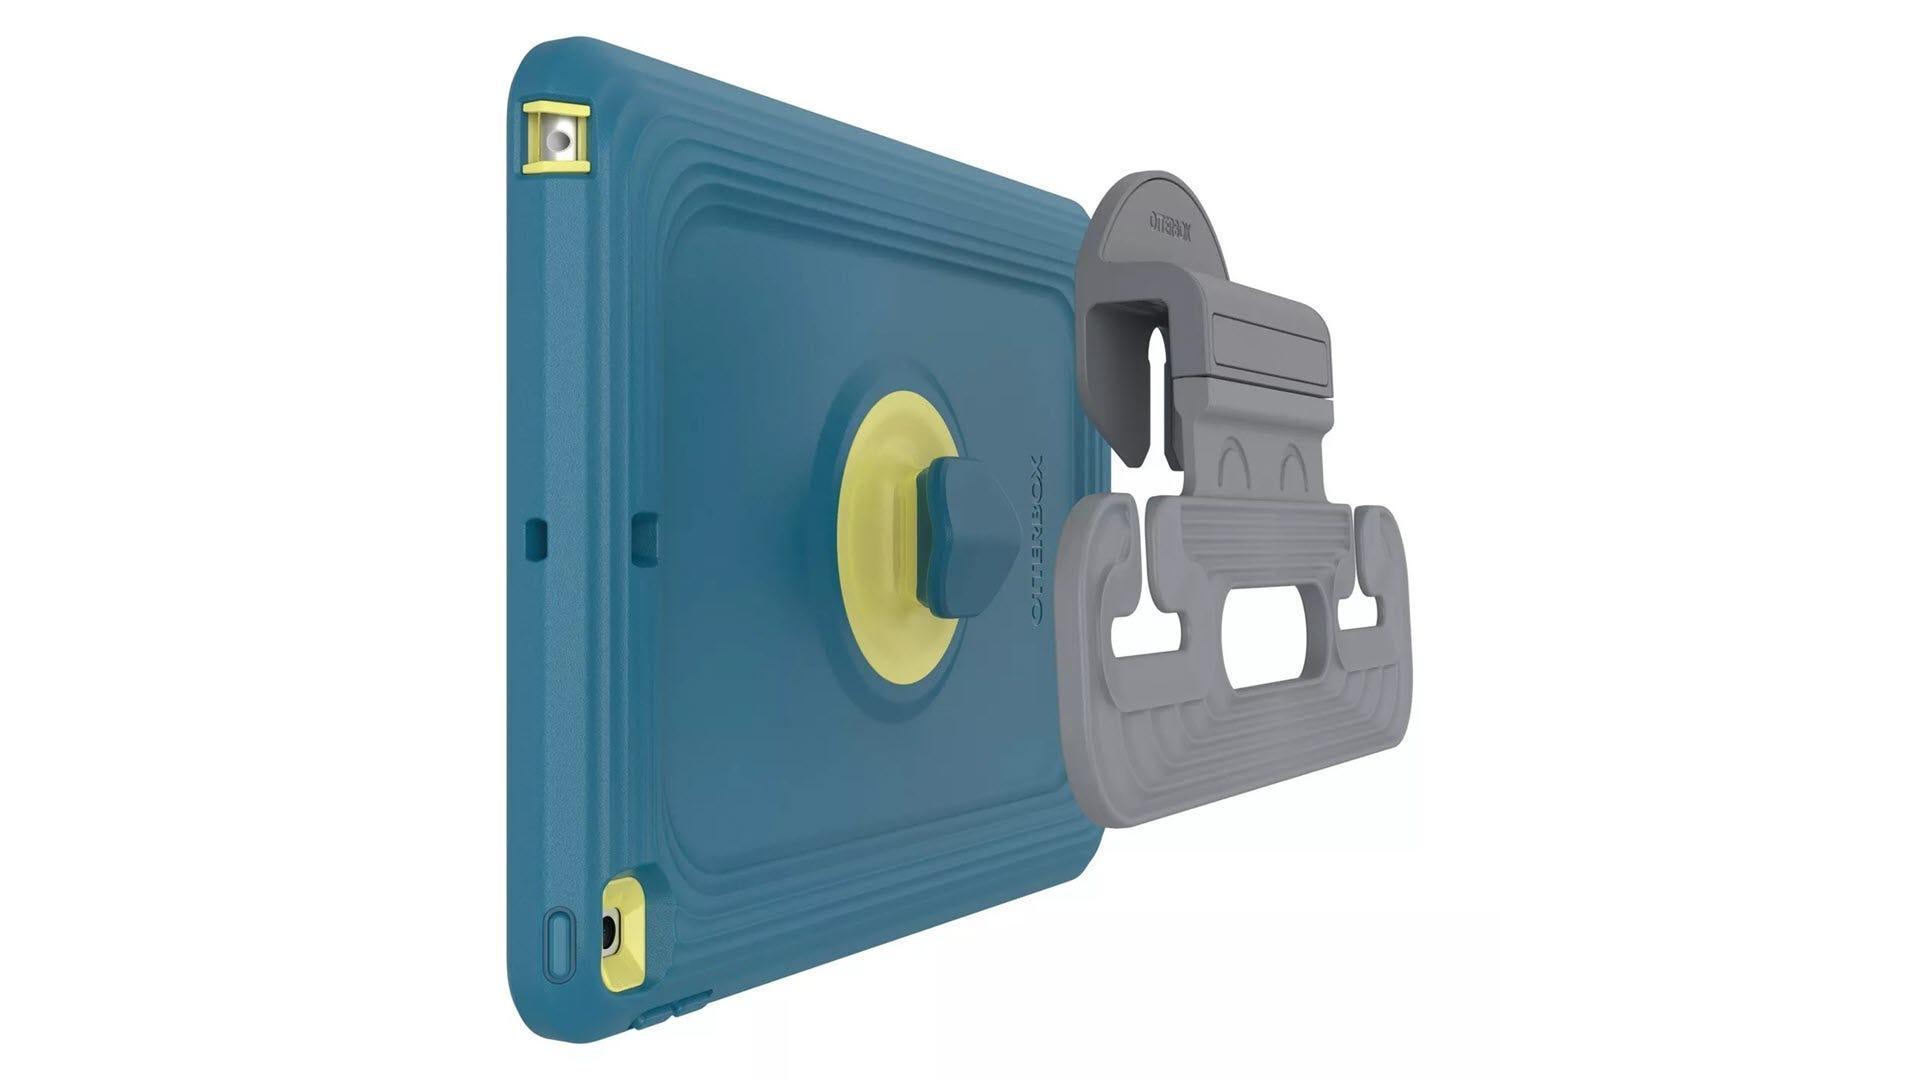 Un étui pour iPad adapté aux enfants avec une béquille amovible.